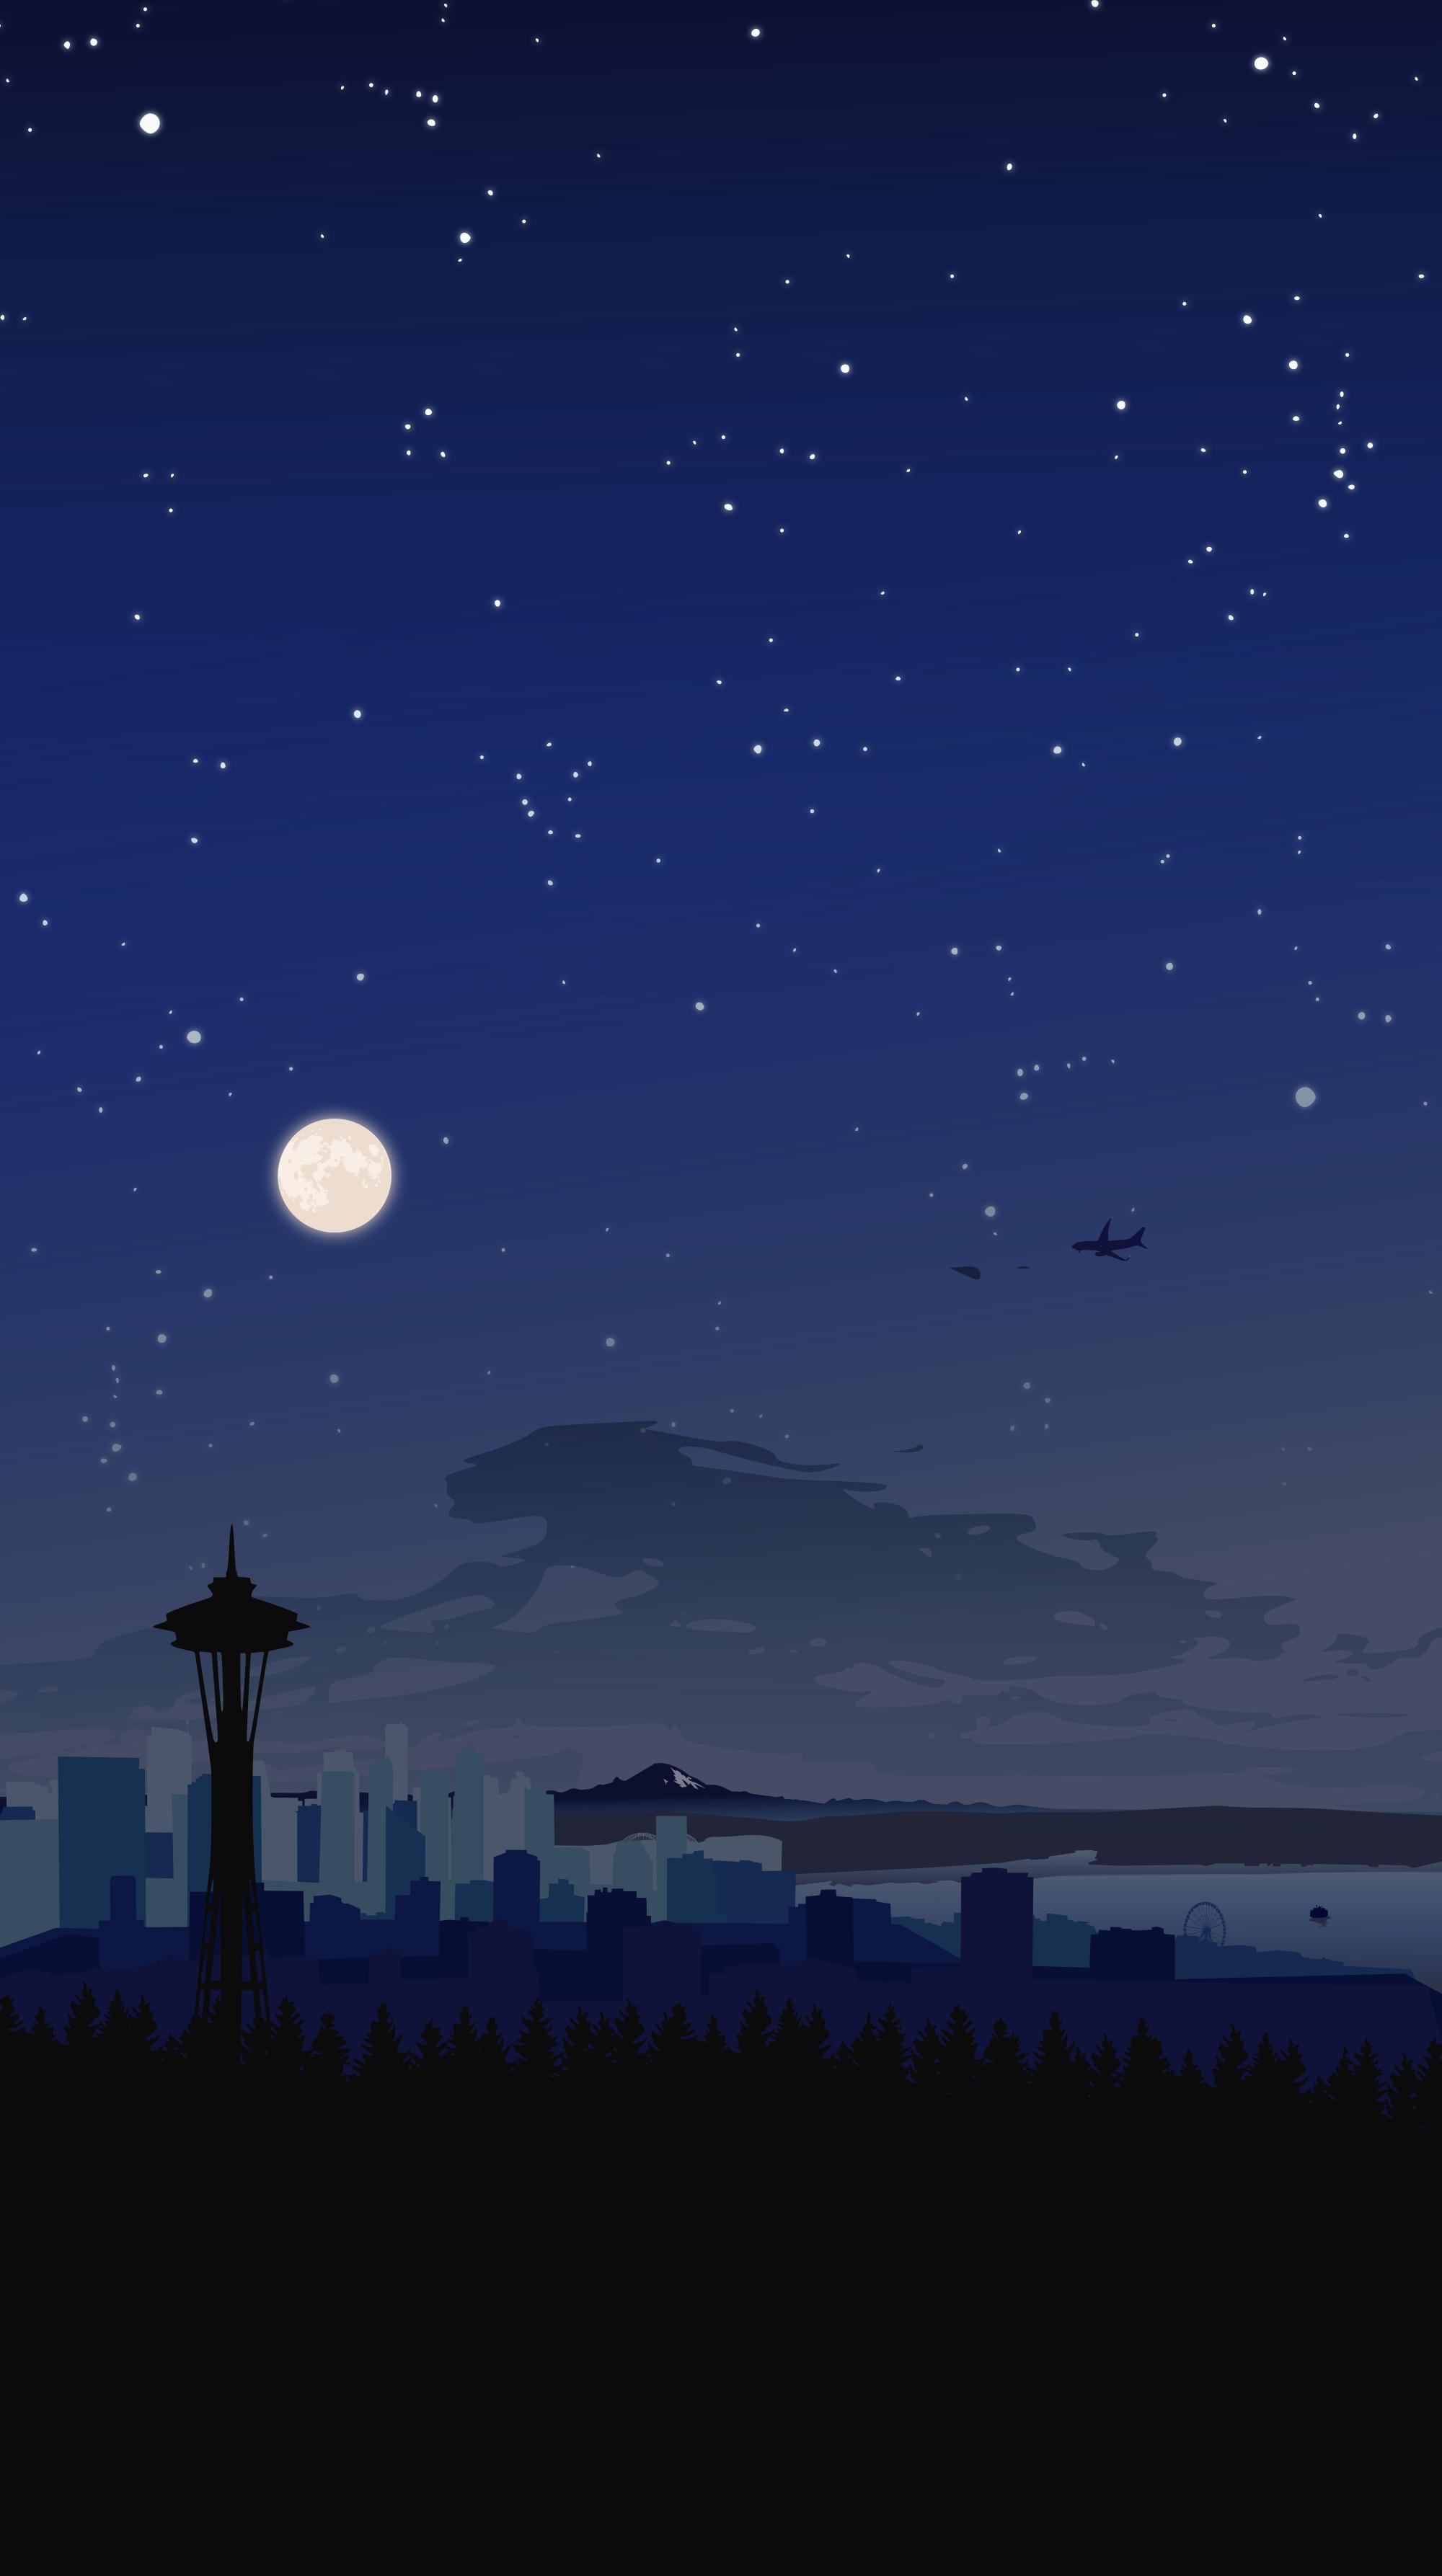 Night Seattle Skyline Wallpaper Landscape Wallpaper Scenery Wallpaper Night Sky Wallpaper